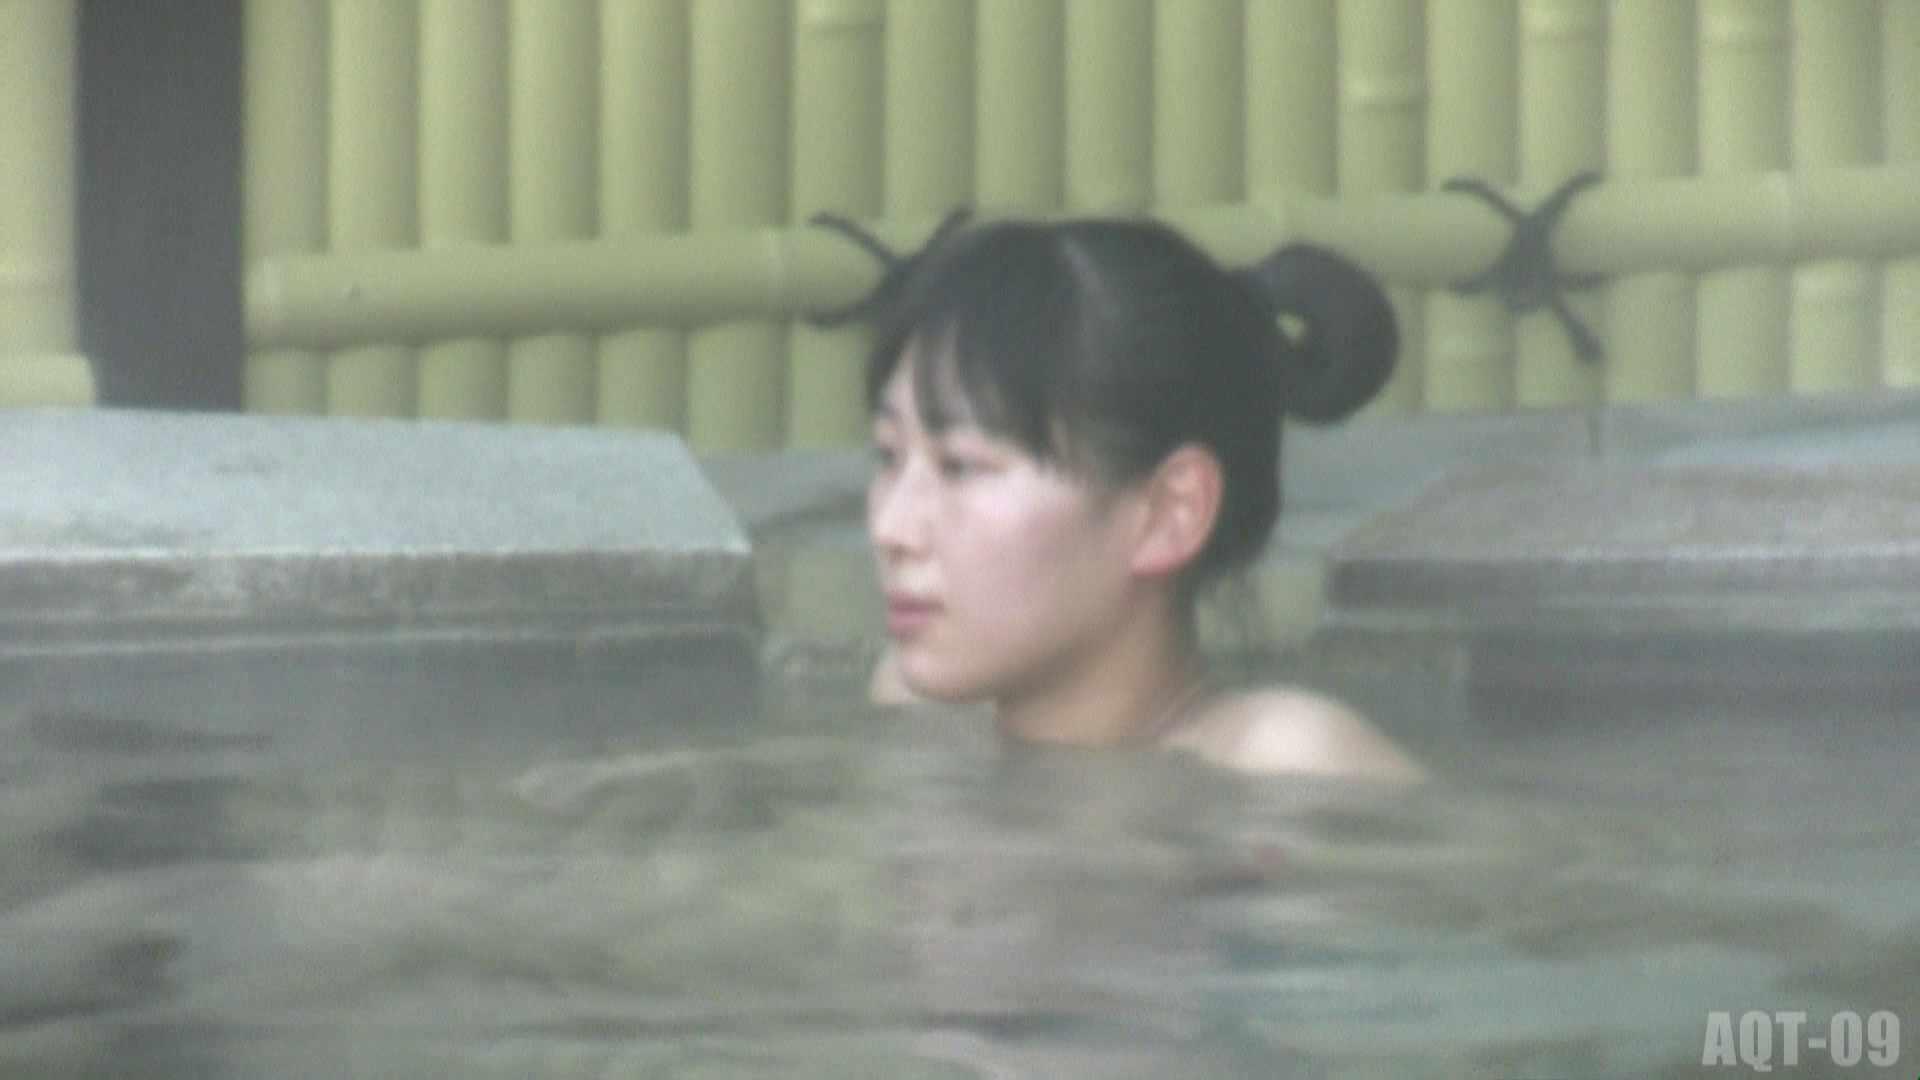 Aquaな露天風呂Vol.785 盗撮 | 露天  71pic 16